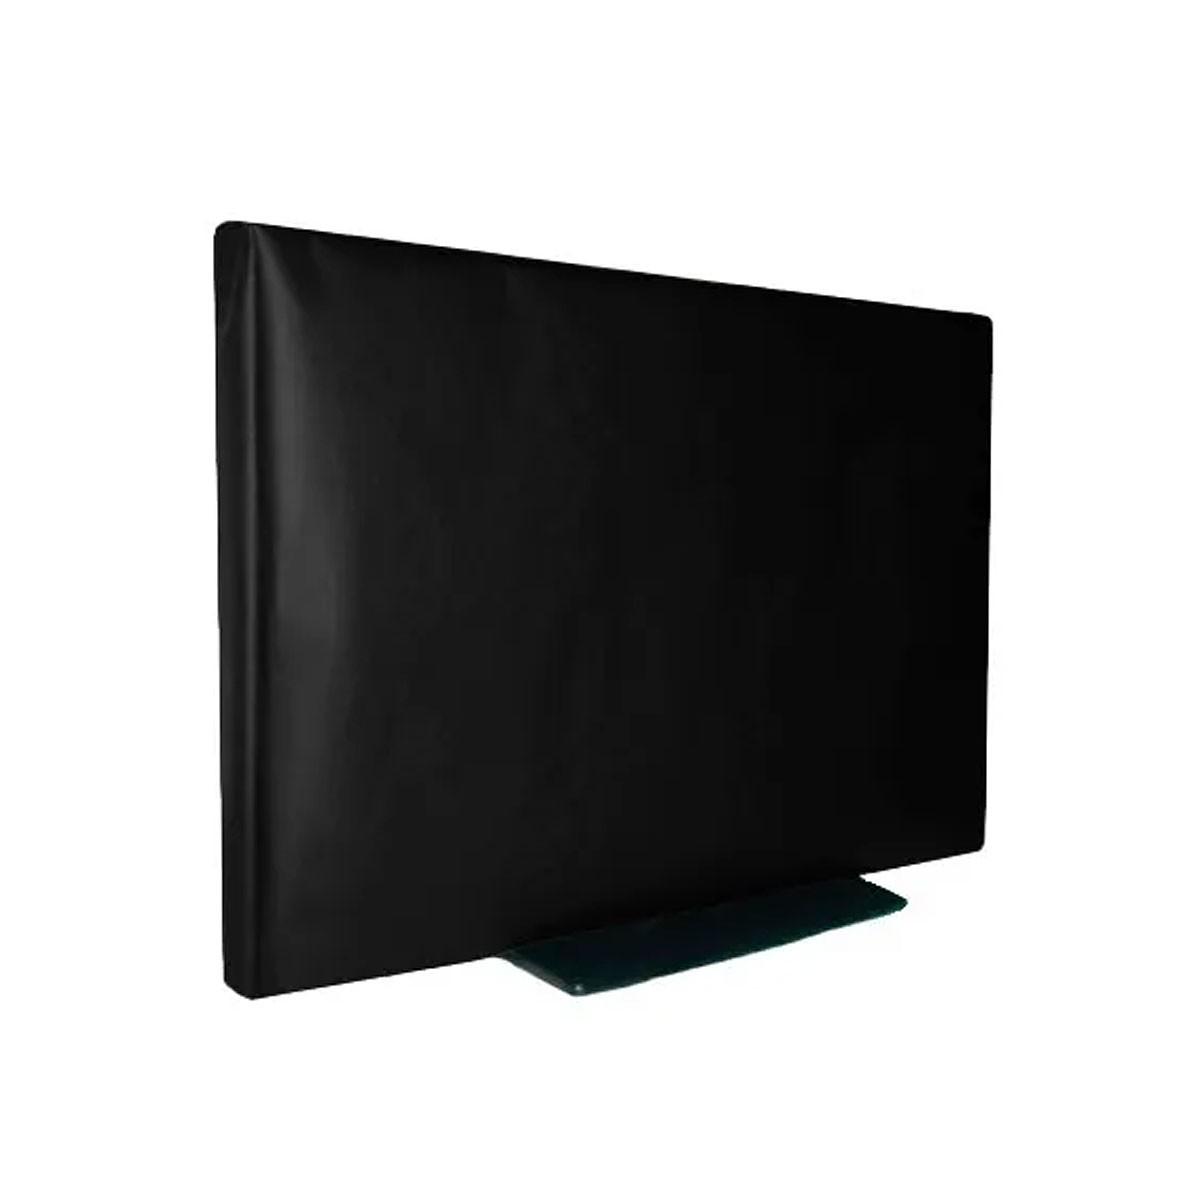 Capa De Luxo Em Corino Para TV LED 50